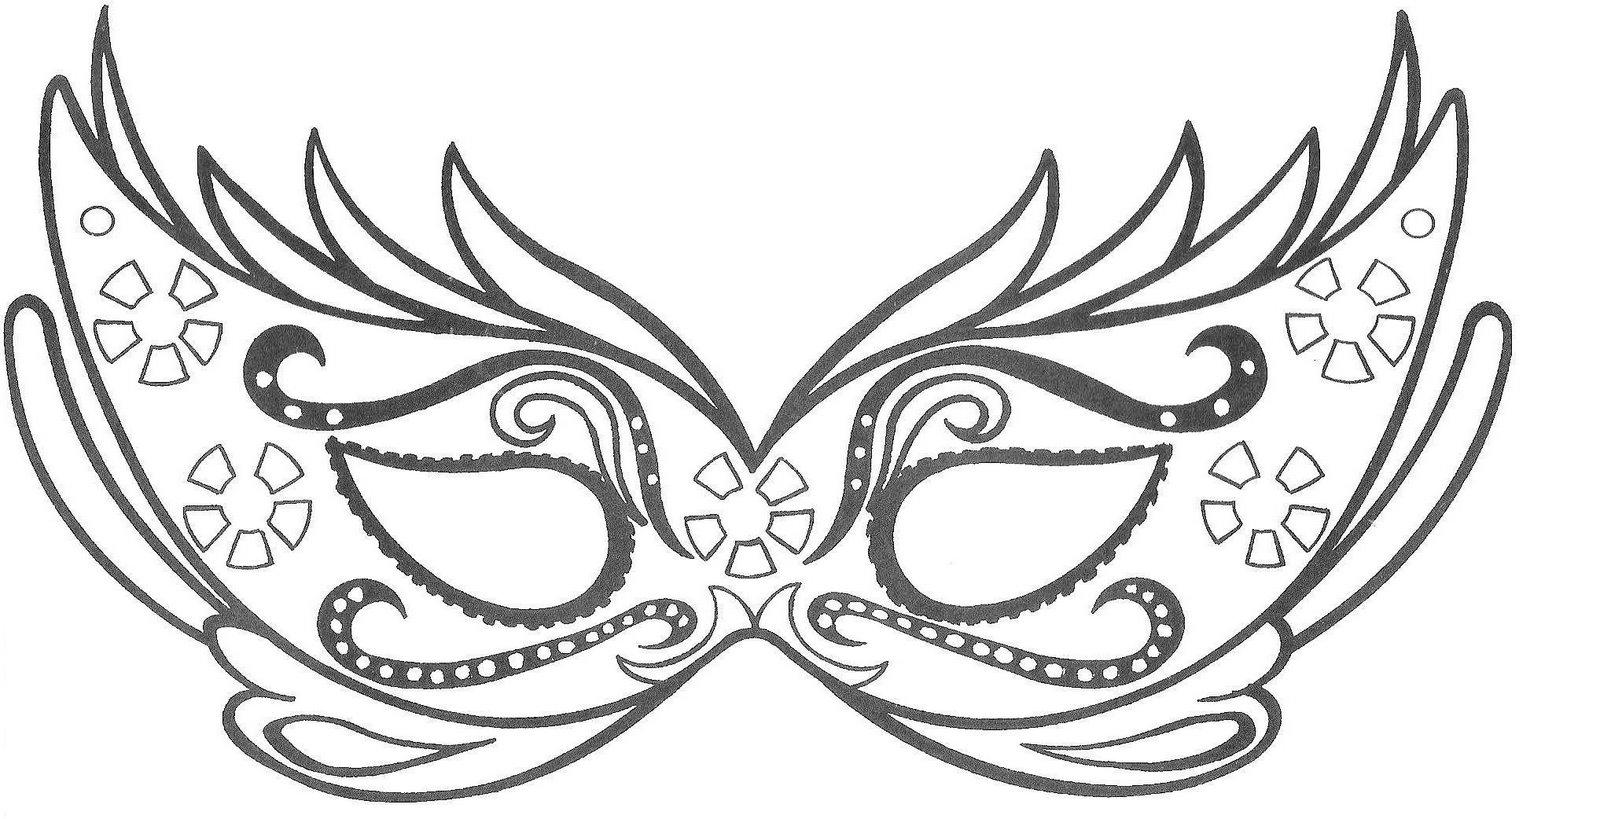 Mascara De Carnaval  Free Images at Clkercom  vector clip art